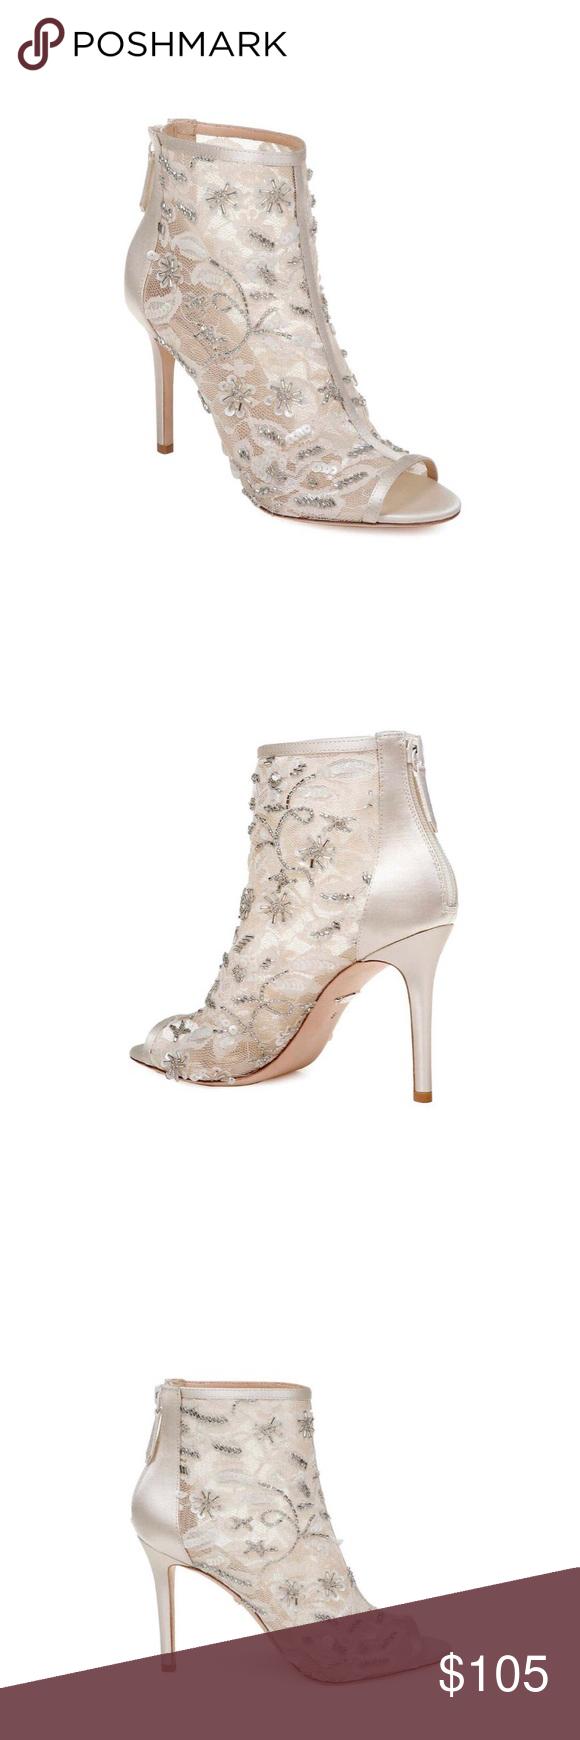 Peep toe bootie, Badgley mischka shoes